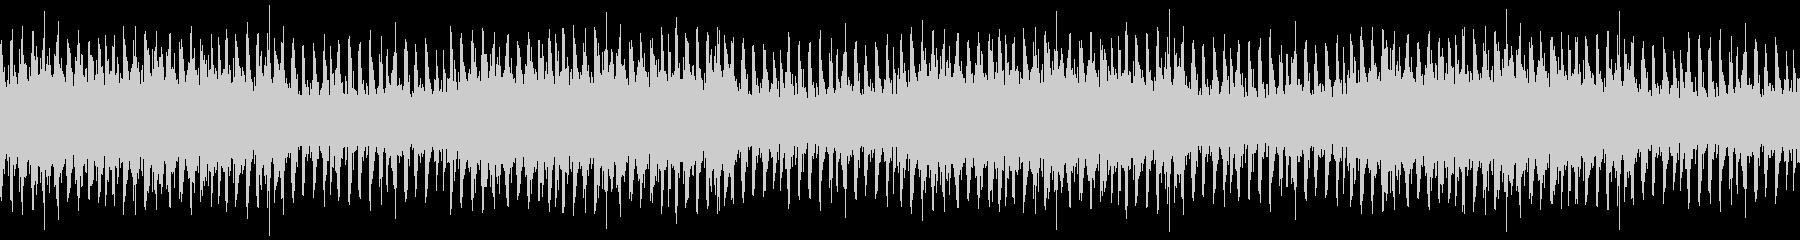 バトルオーケストラの未再生の波形